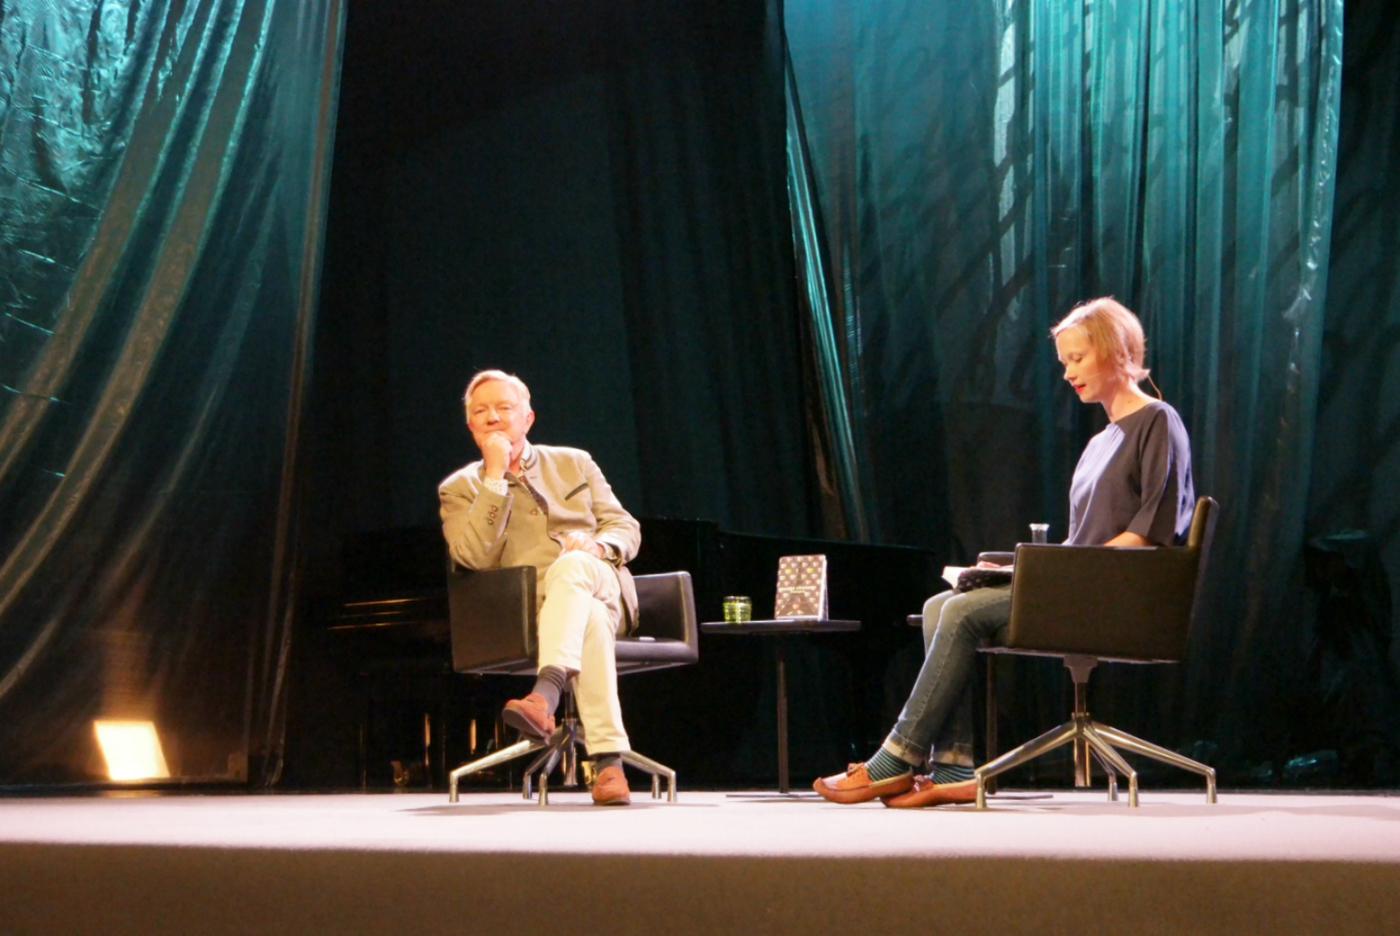 Rauhoittumisen ja inspiraation hetkiä – Helsinki Lit 2016